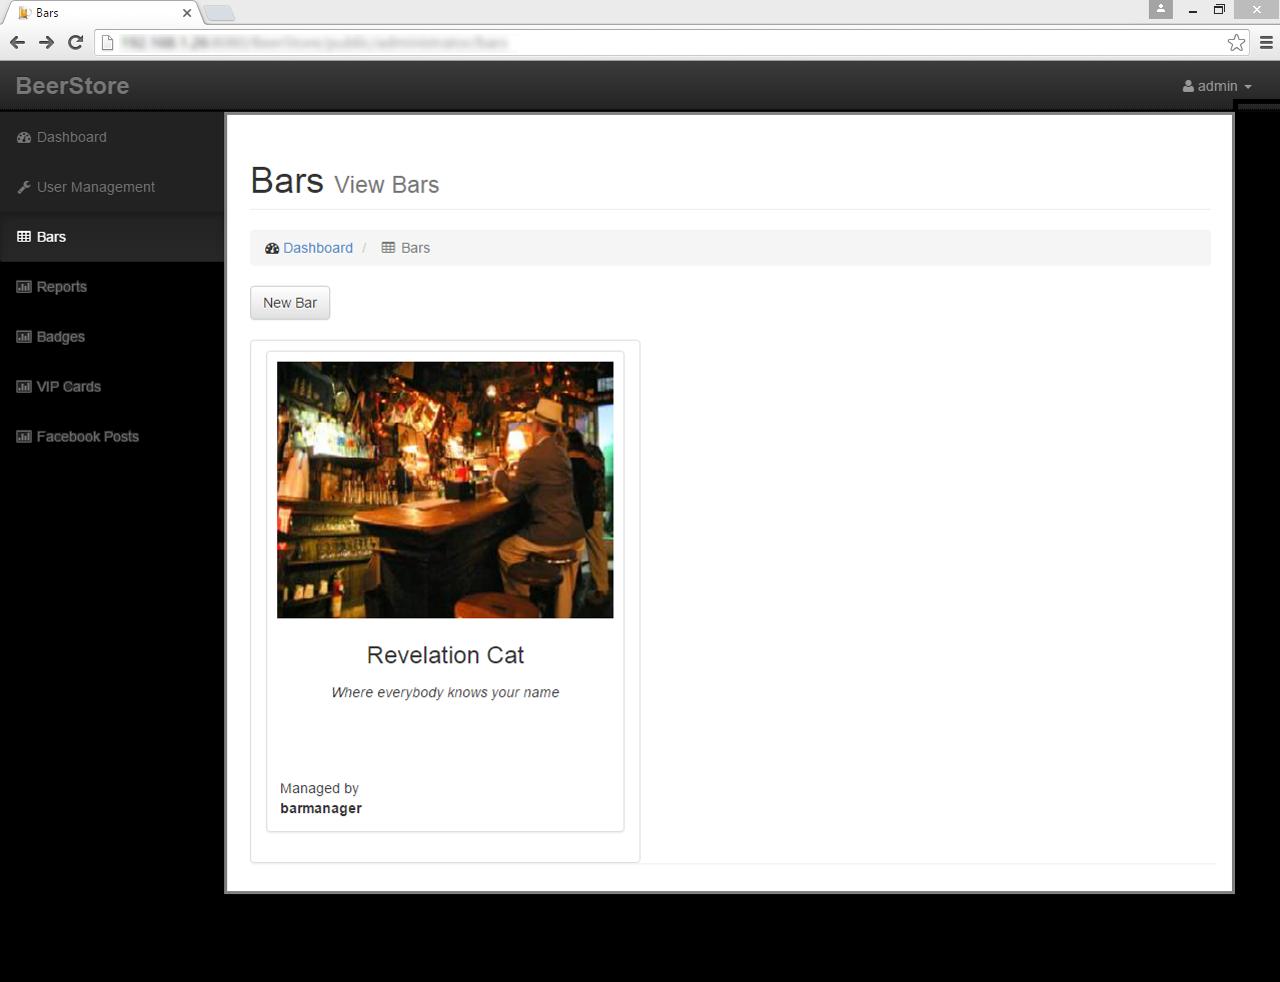 BeerStore screen 4